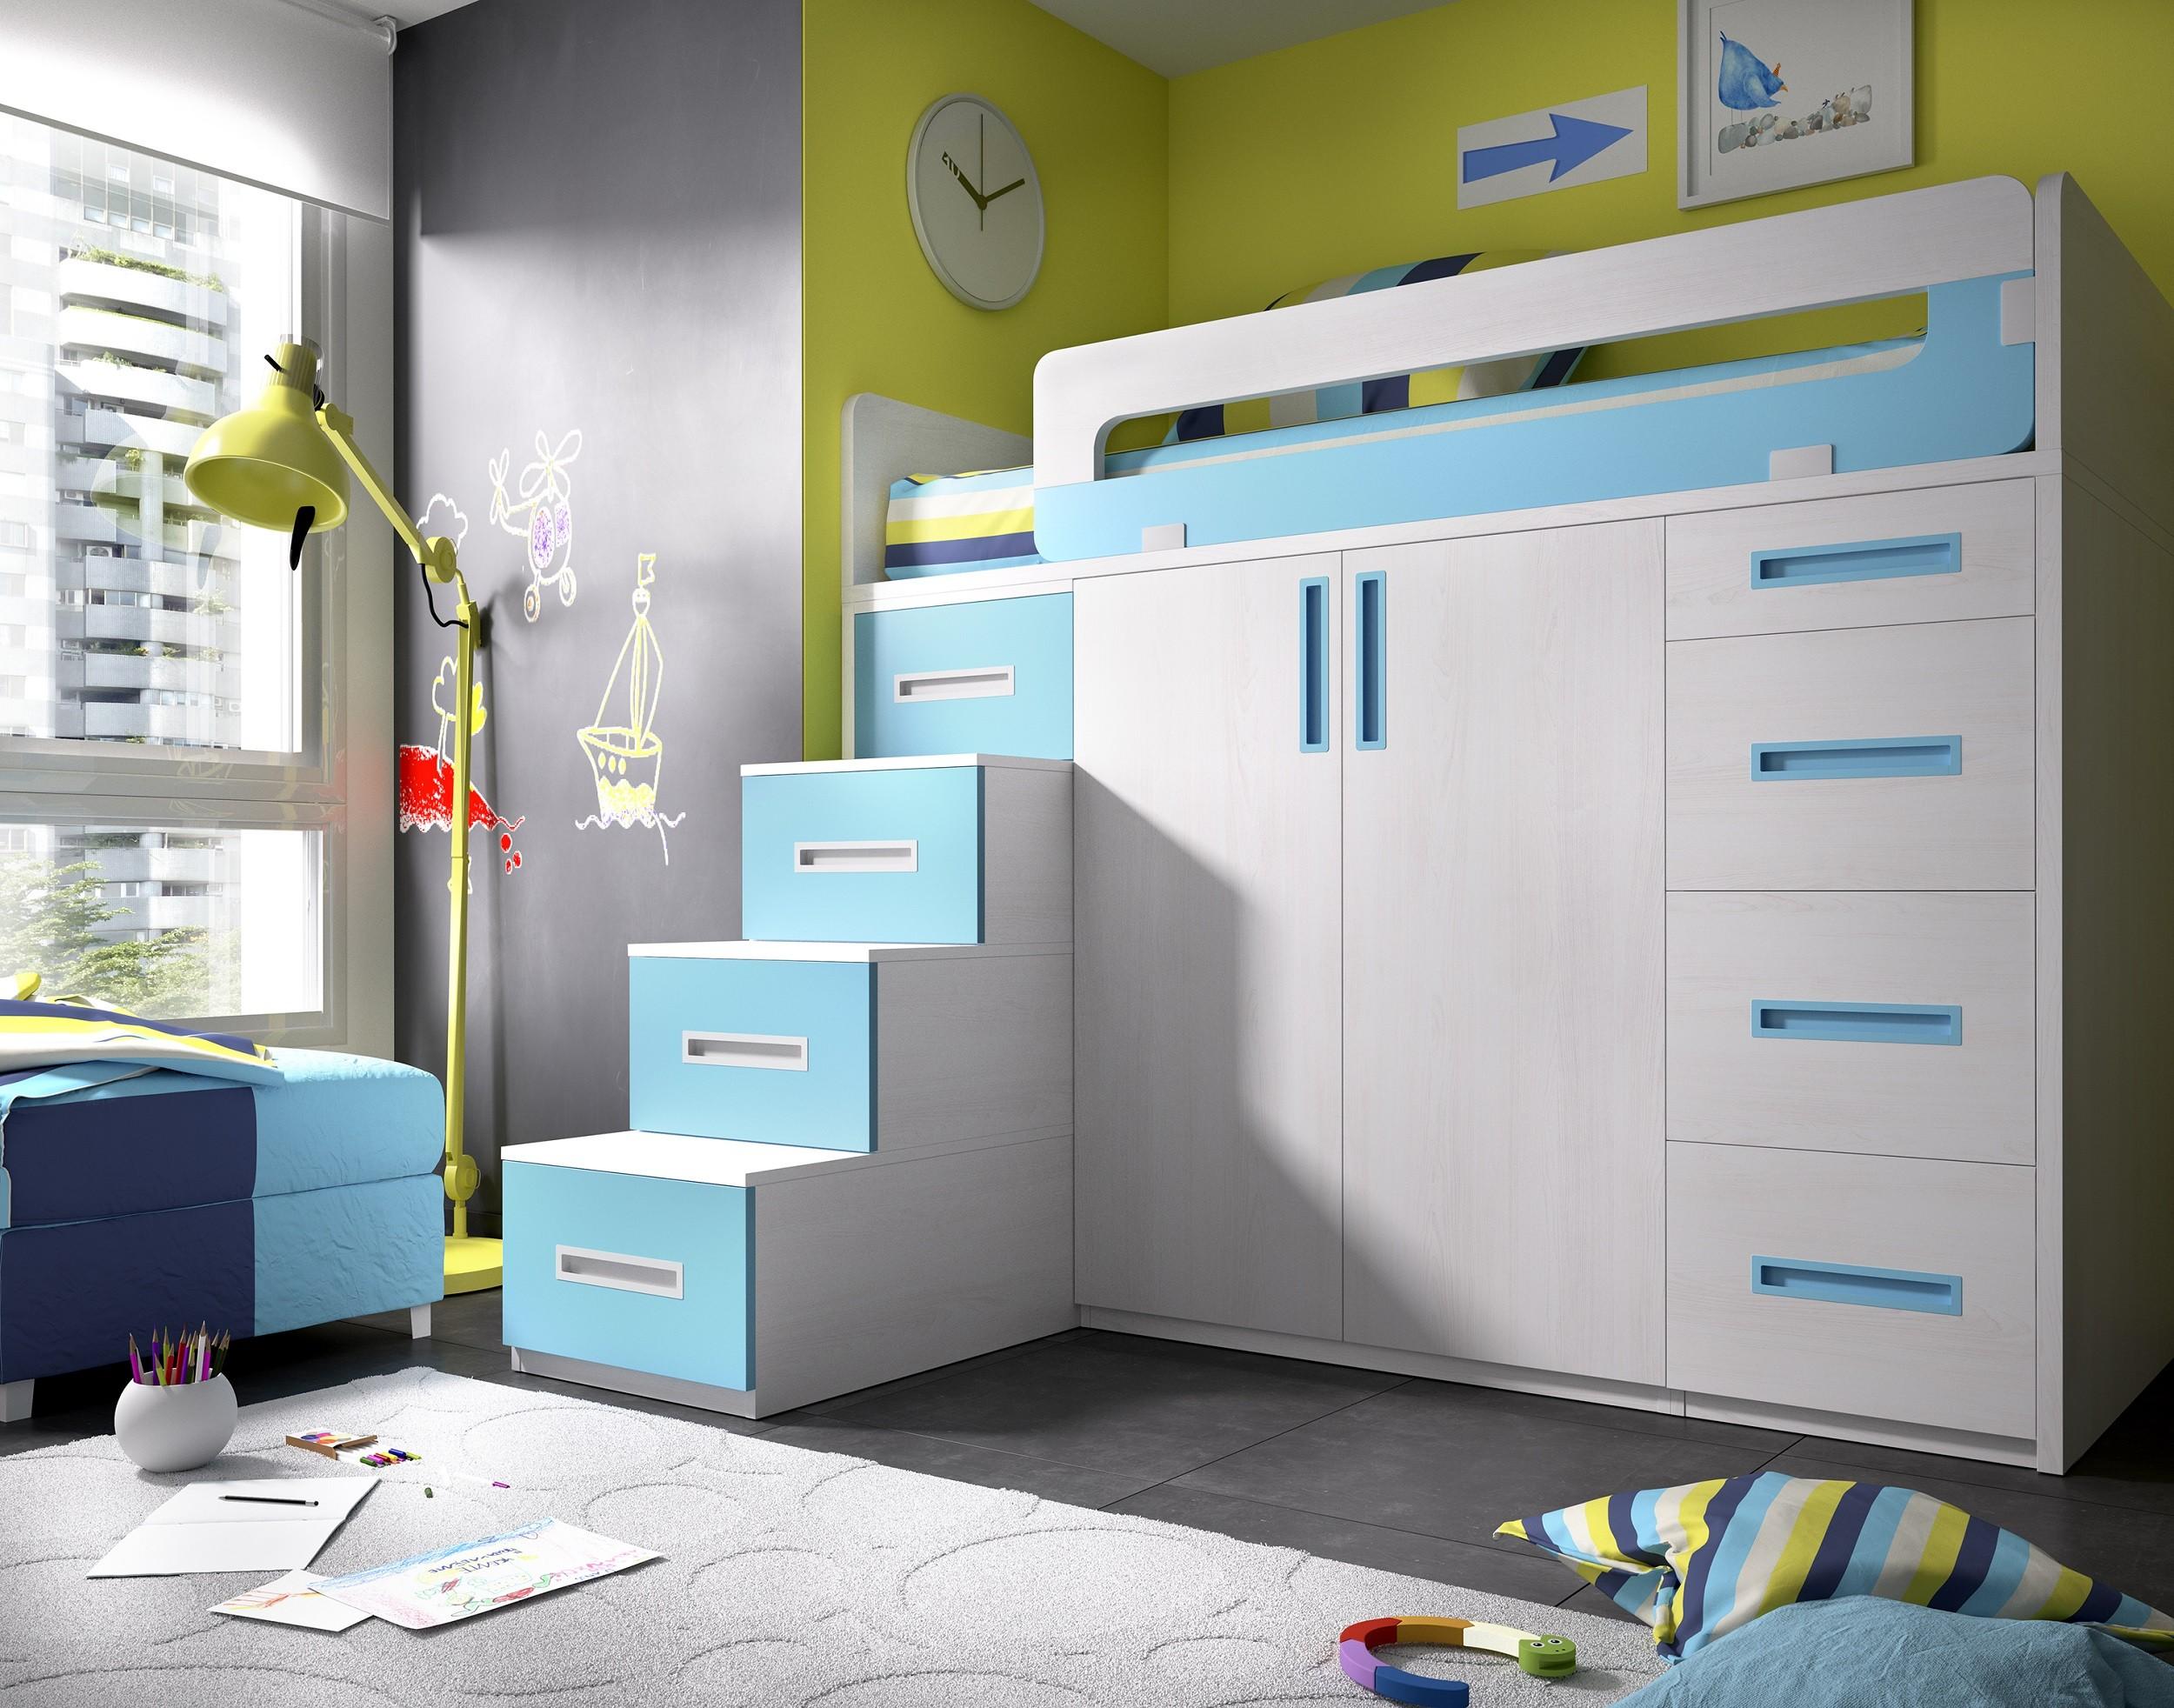 Full Size of Kinderzimmer Mit Hochbett Jump 322 Und Jugendzimmer Sets Bett 140x200 Stauraum Küche Elektrogeräten Schlafzimmer überbau 2 Sitzer Sofa Relaxfunktion Kinderzimmer Kinderzimmer Mit Hochbett